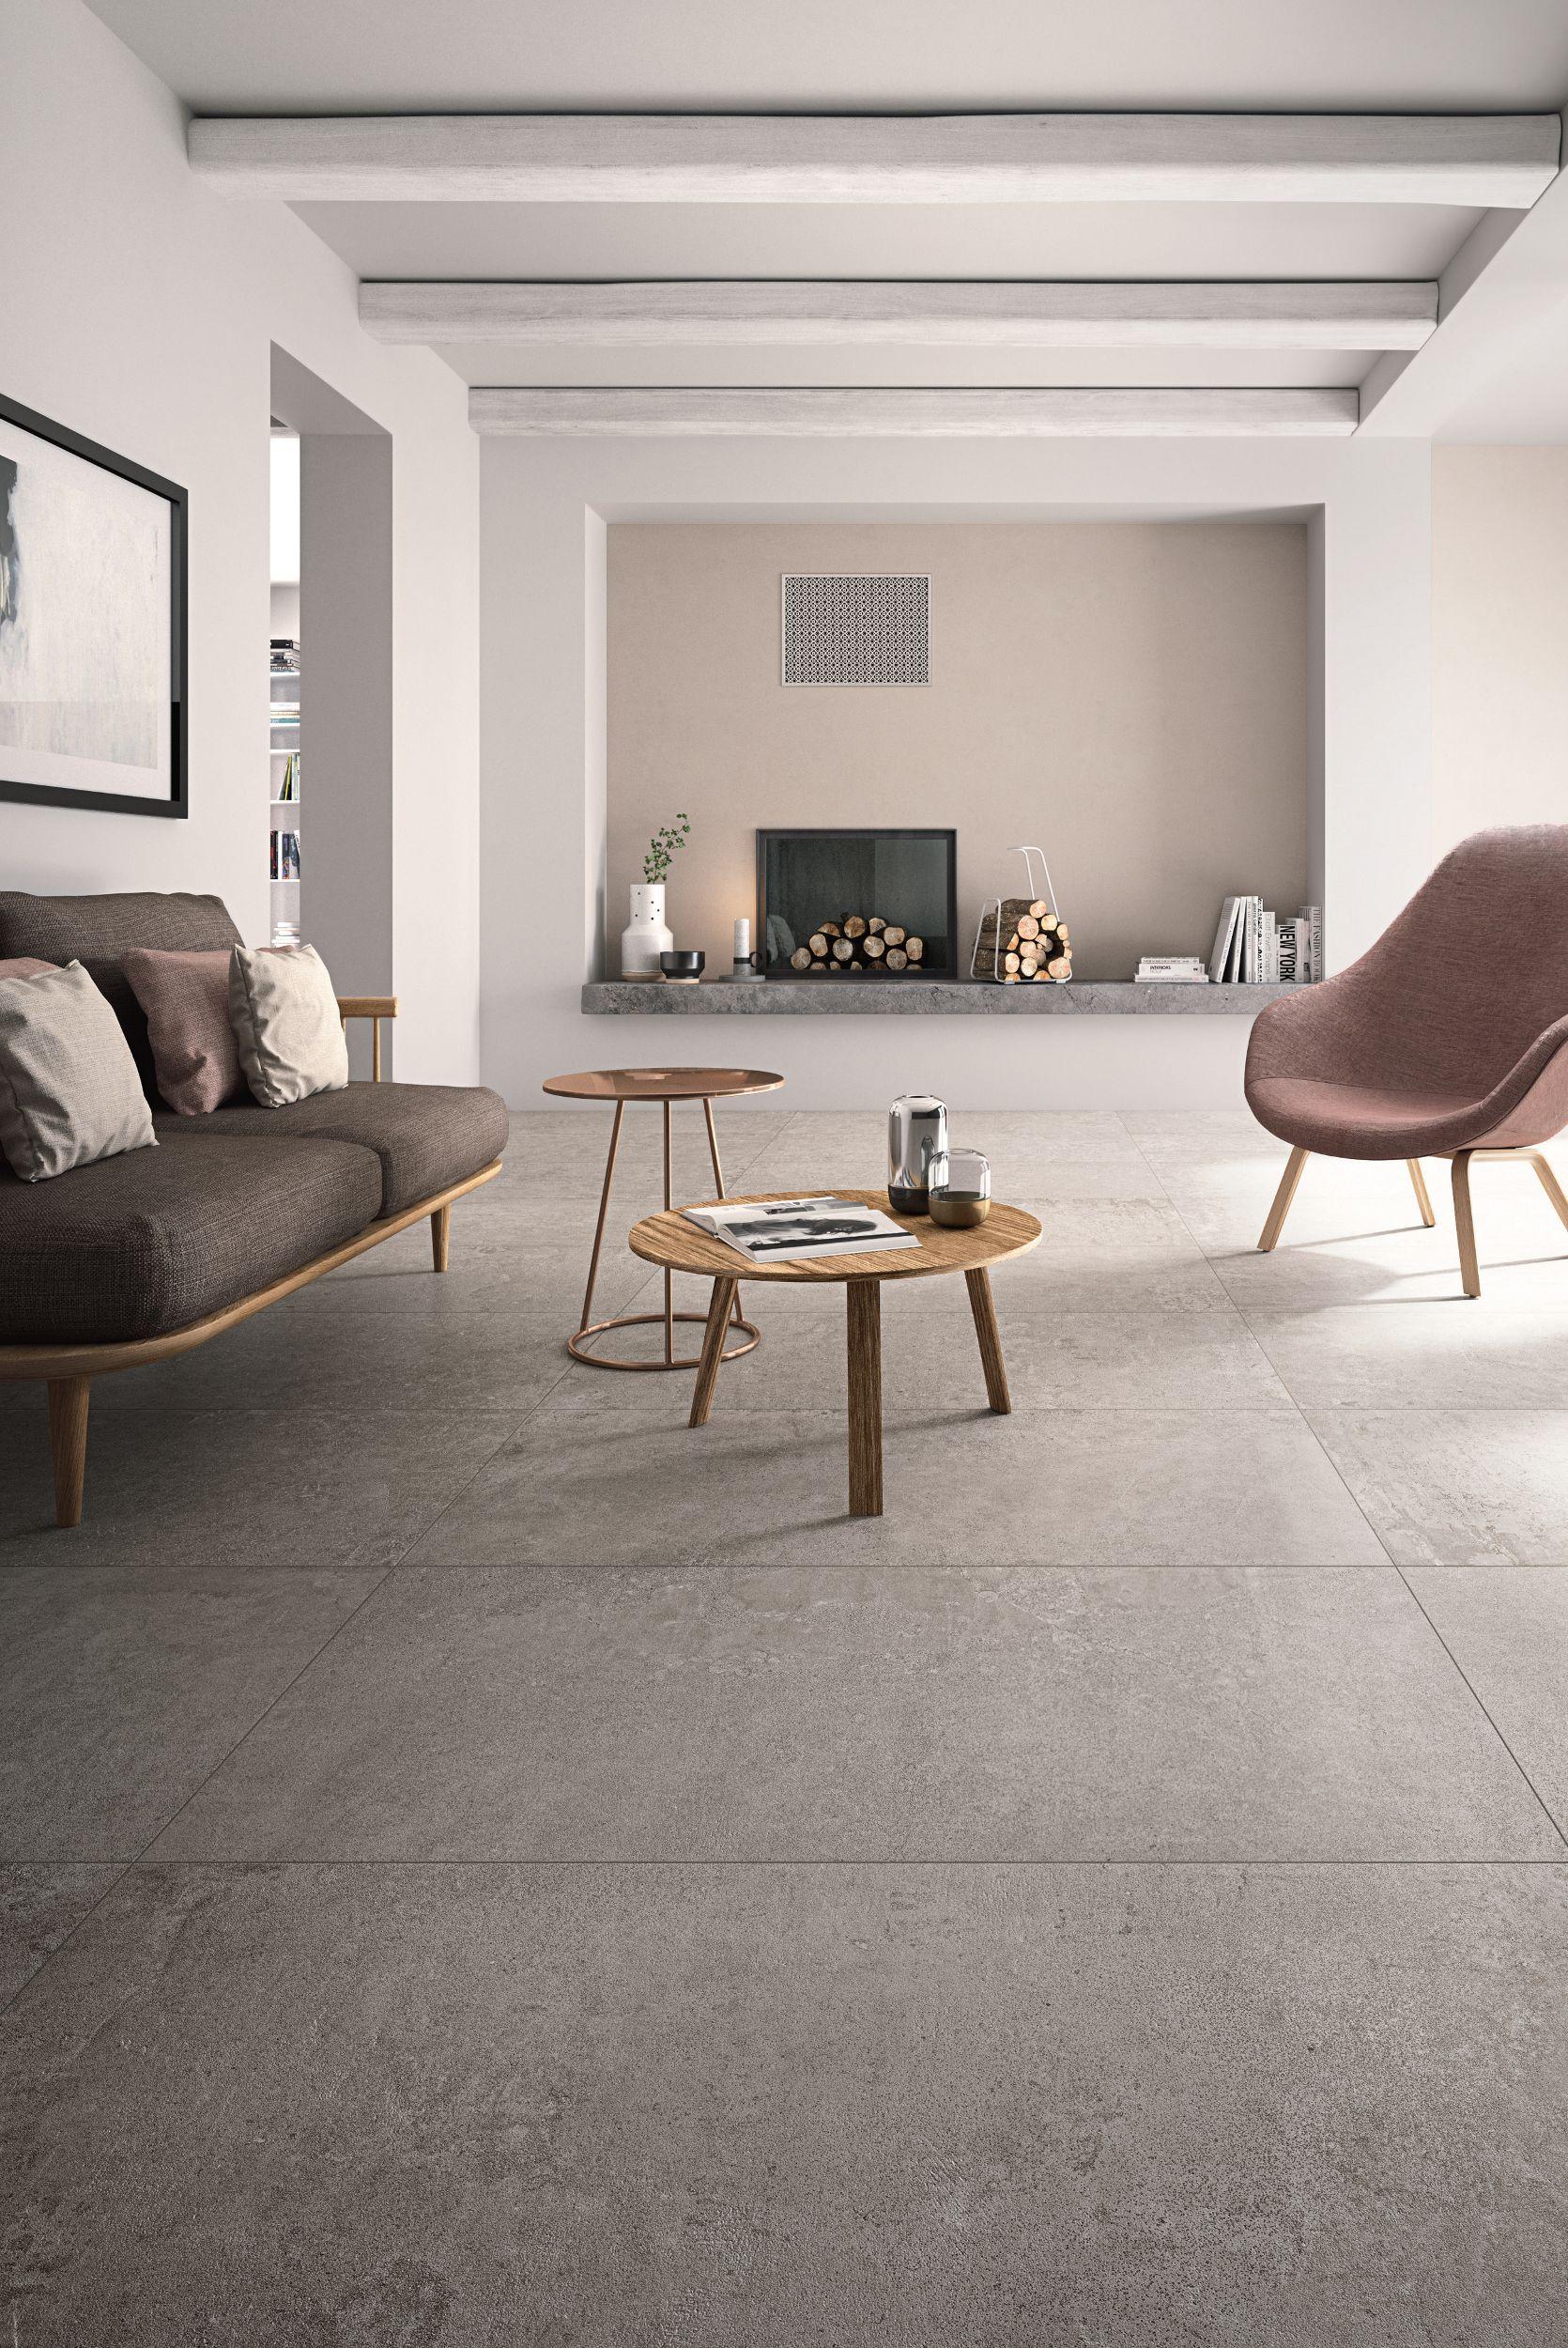 Pavimenti Per Cucina E Soggiorno.Pavimento Rivestimento In Gres Porcellanato Effetto Cemento